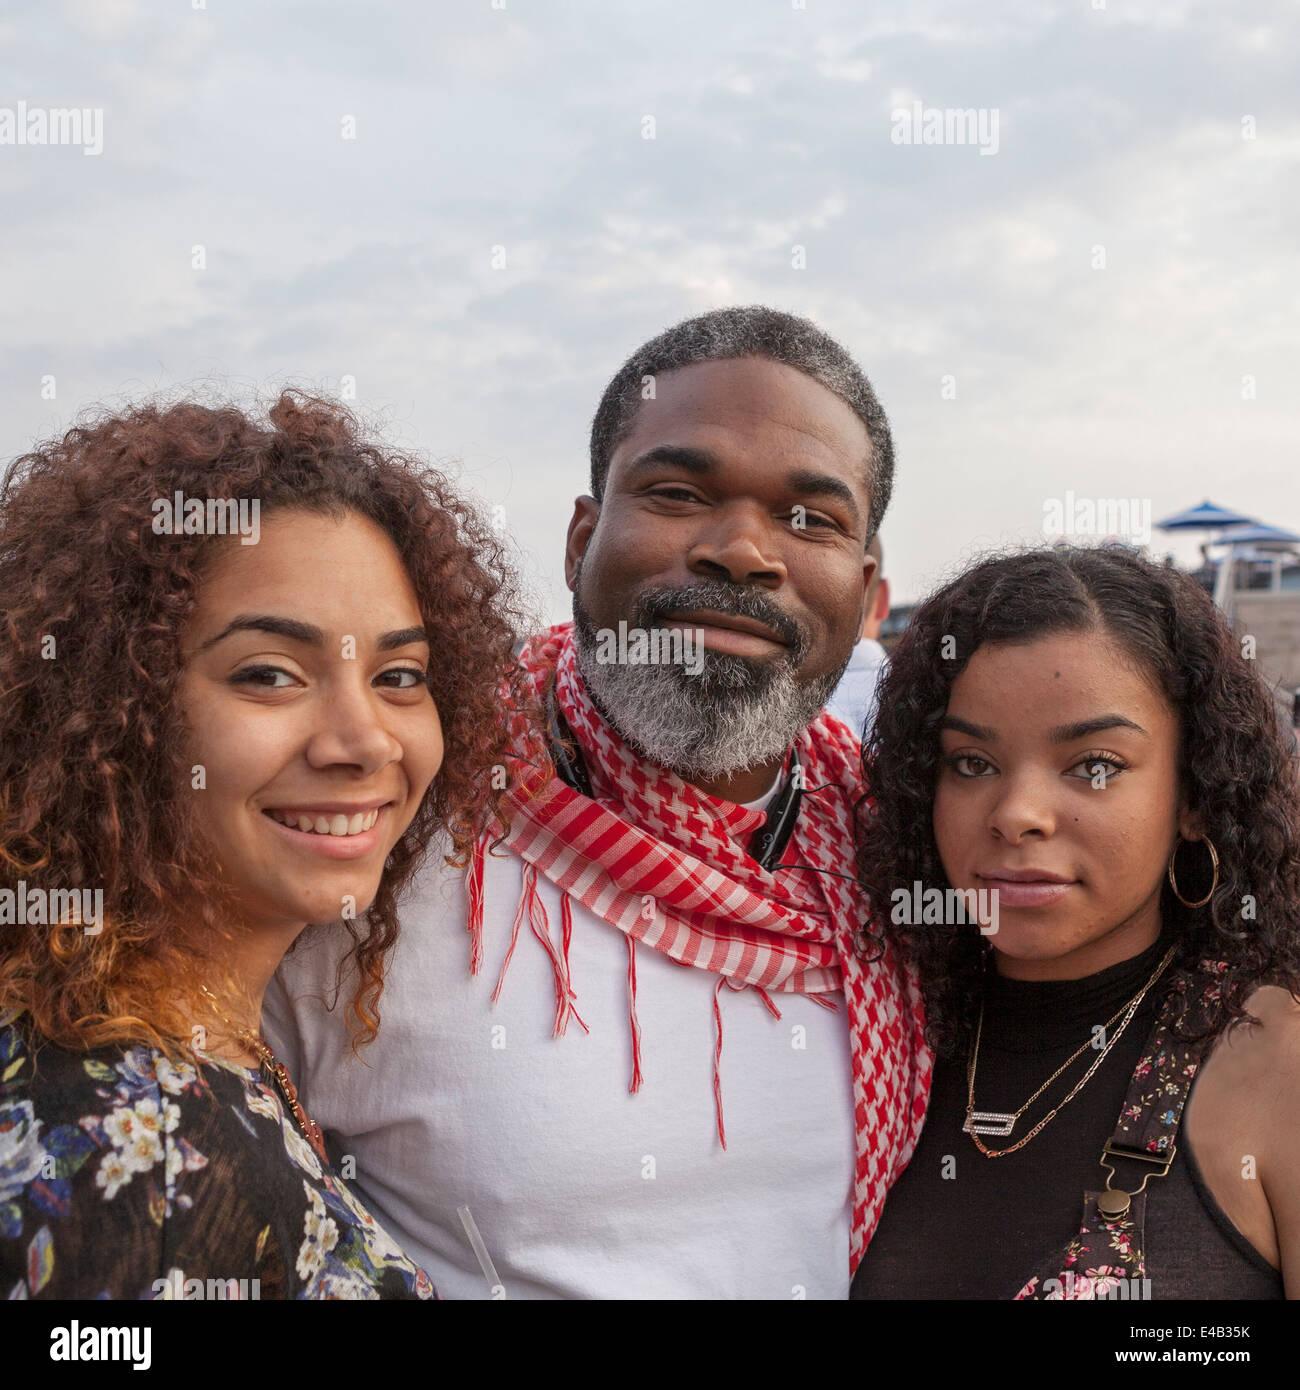 Un père est avec ses deux filles au Summerfest, un festival annuel de musique qui a eu lieu à Milwaukee, Photo Stock